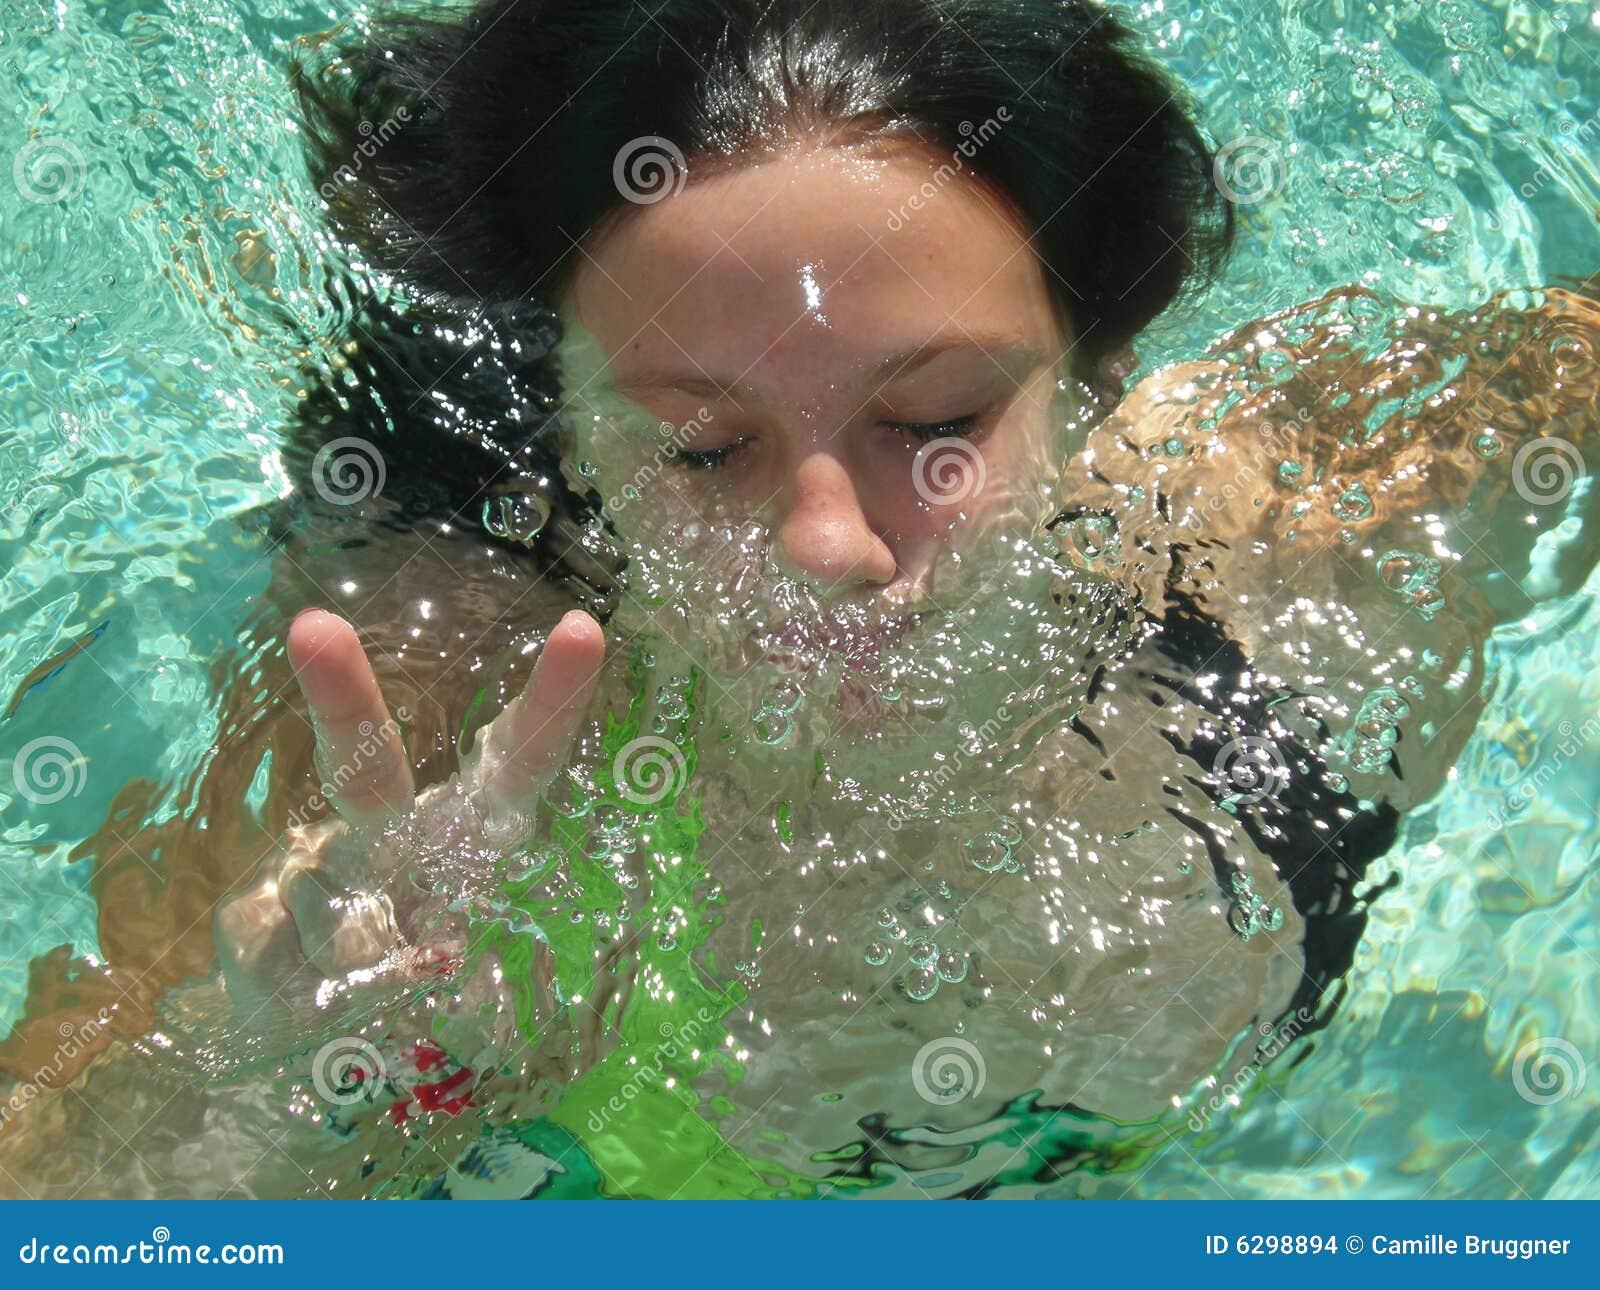 Unter Wasser Wird Gestreichelt, Geblasen Und Gebumst